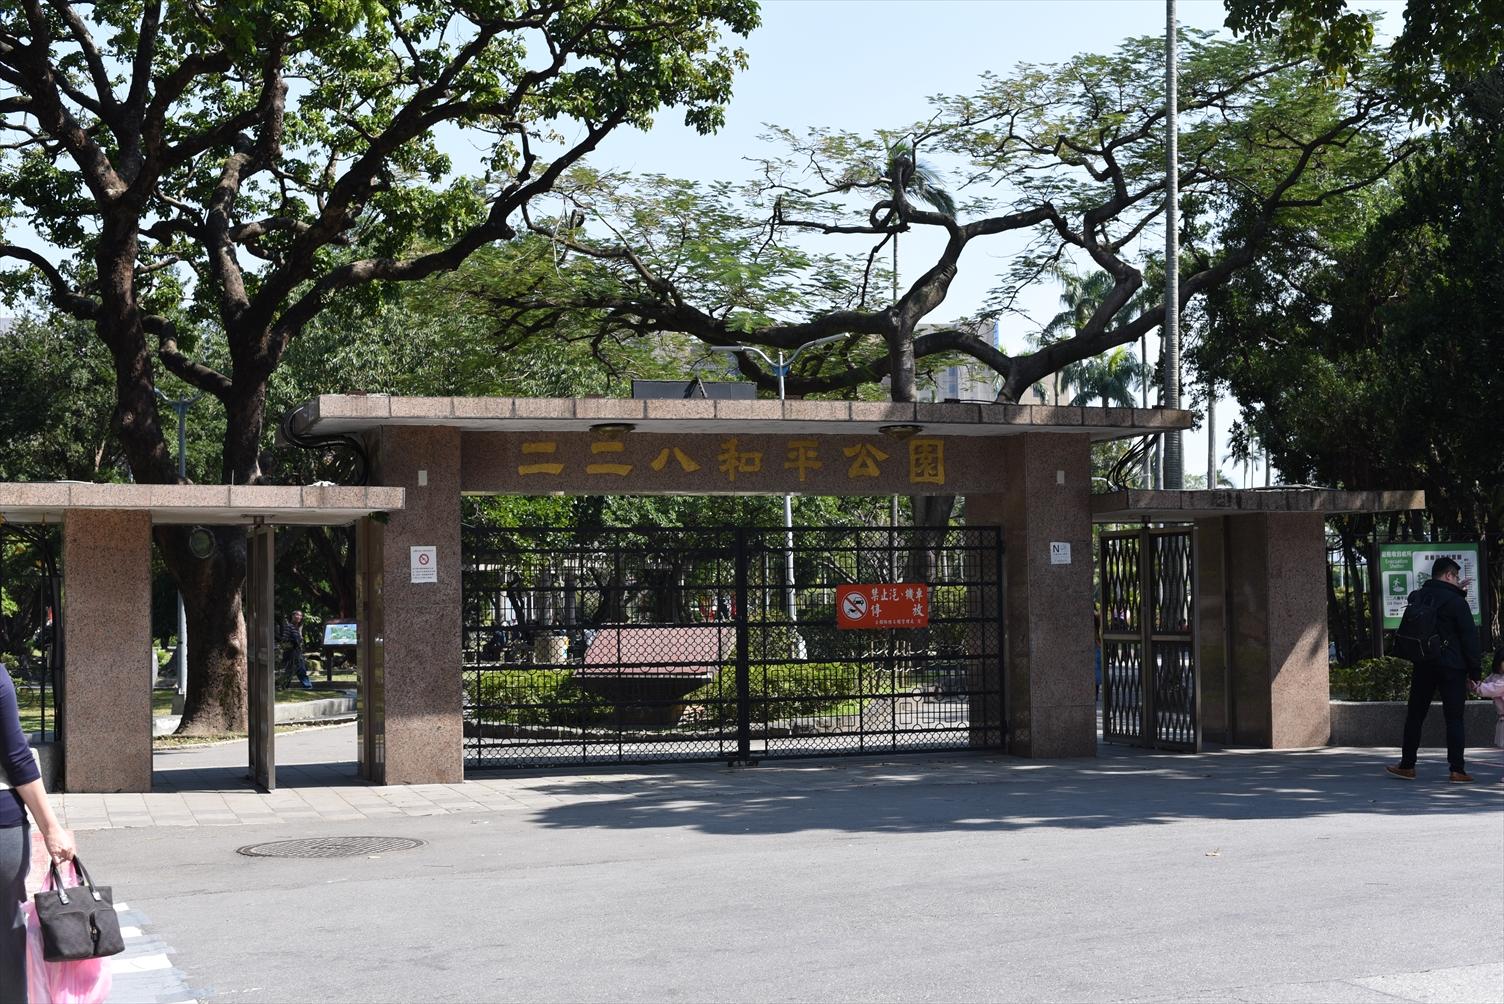 228和平公園 入口